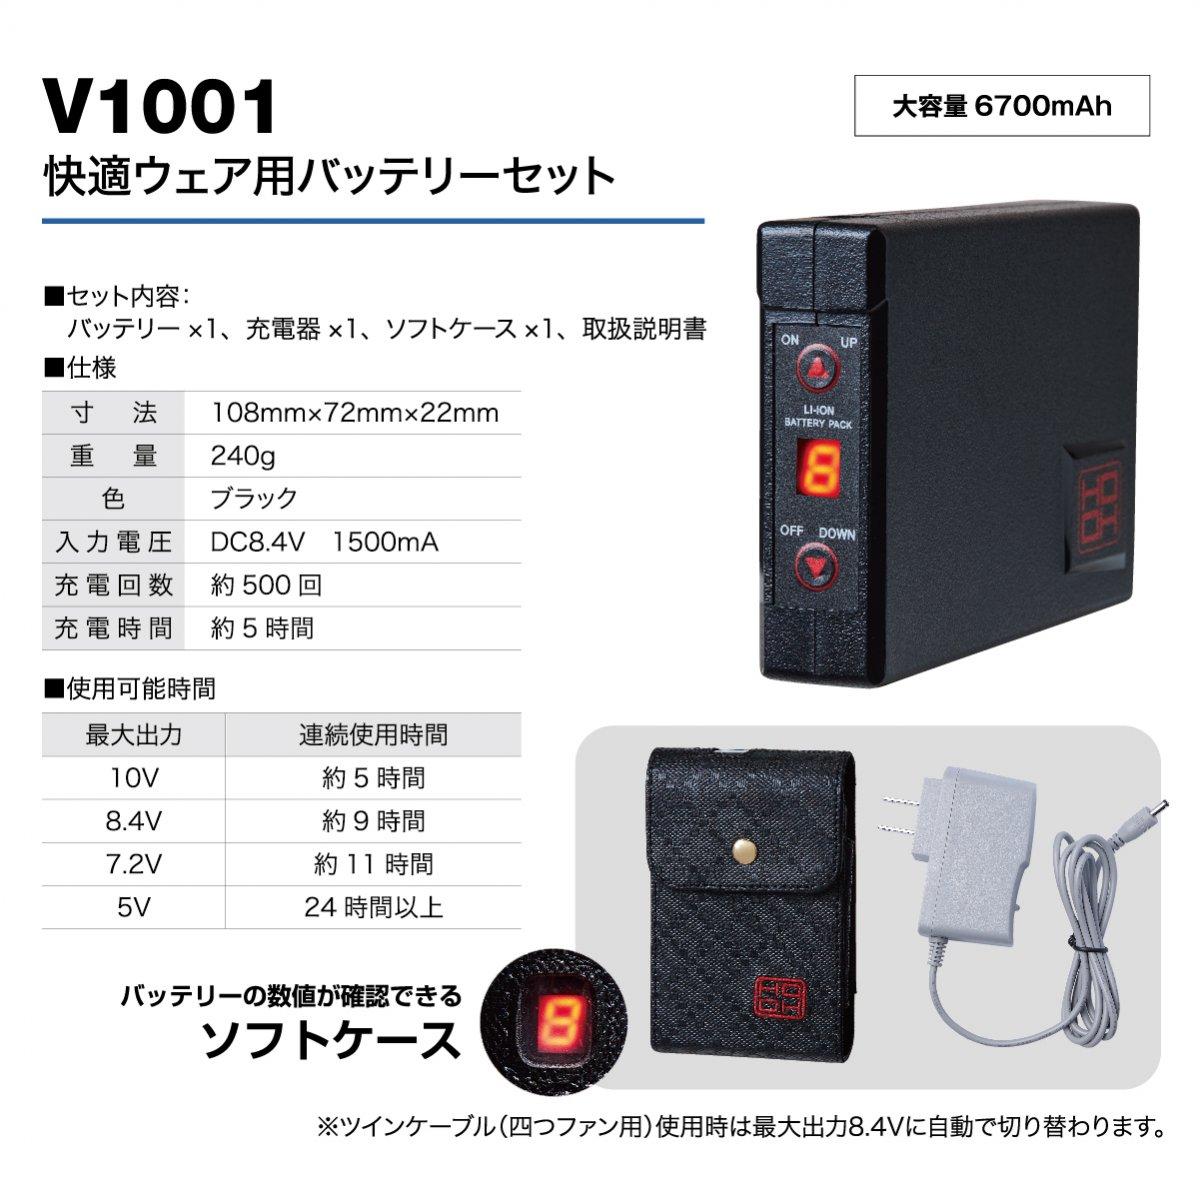 快適ウェア用バッテリー(大容量6700mAh)・快適ウェア用充電器 【画像2】